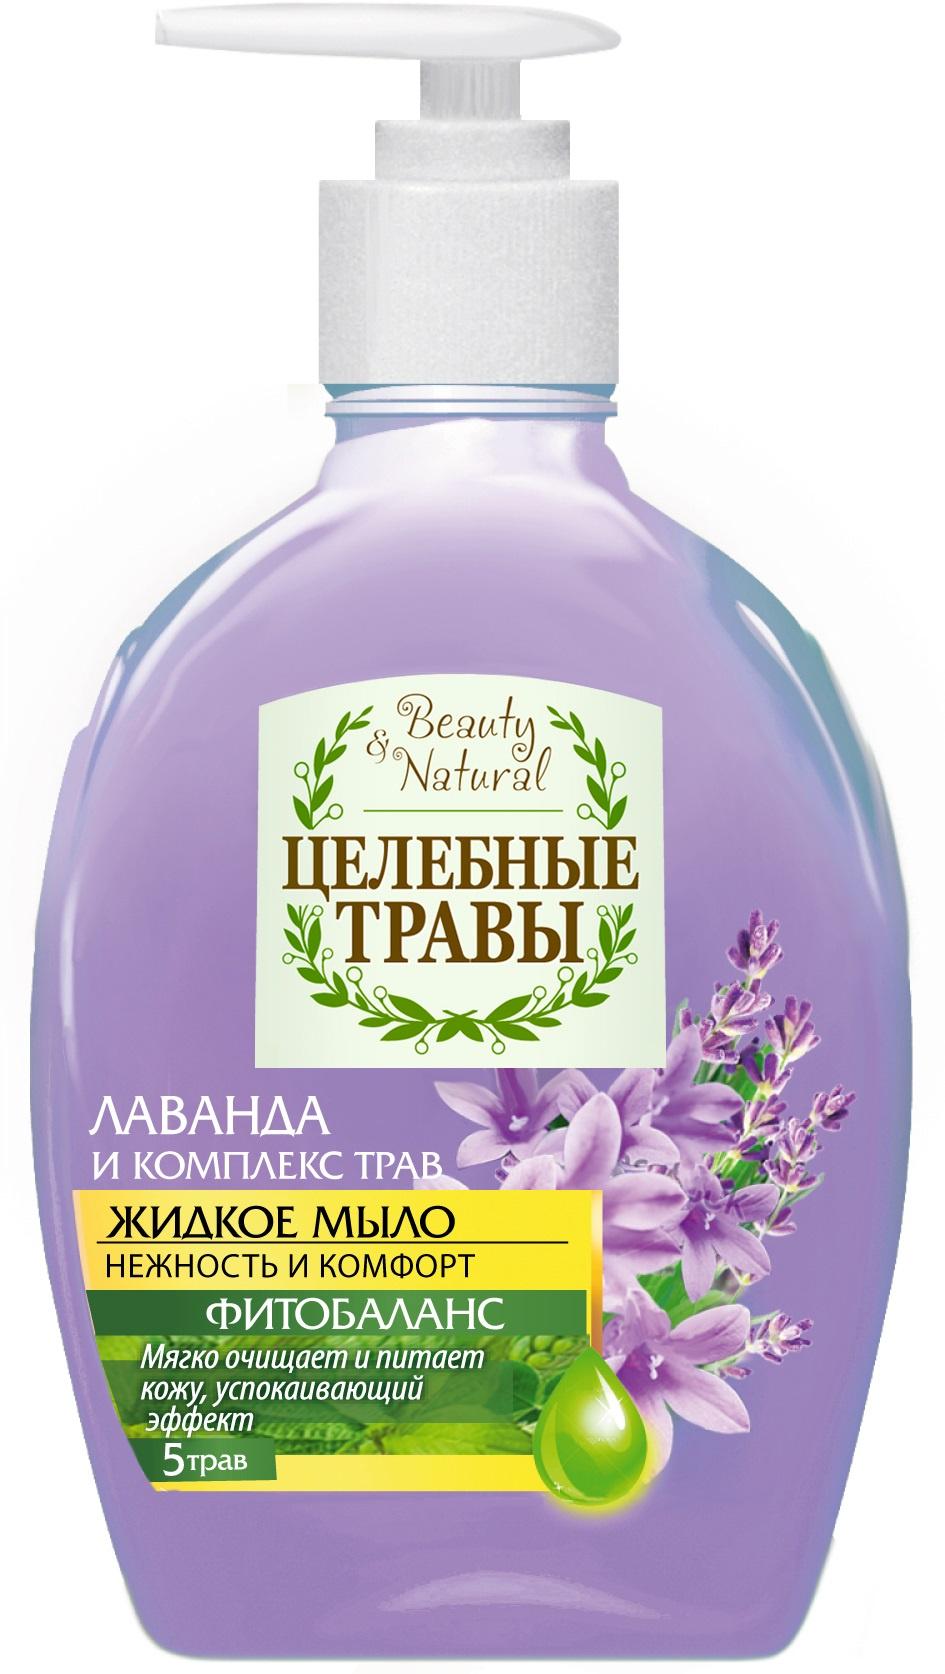 Жидкое мыло ЦЕЛЕБНЫЕ ТРАВЫ Лаванда и комплекс трав